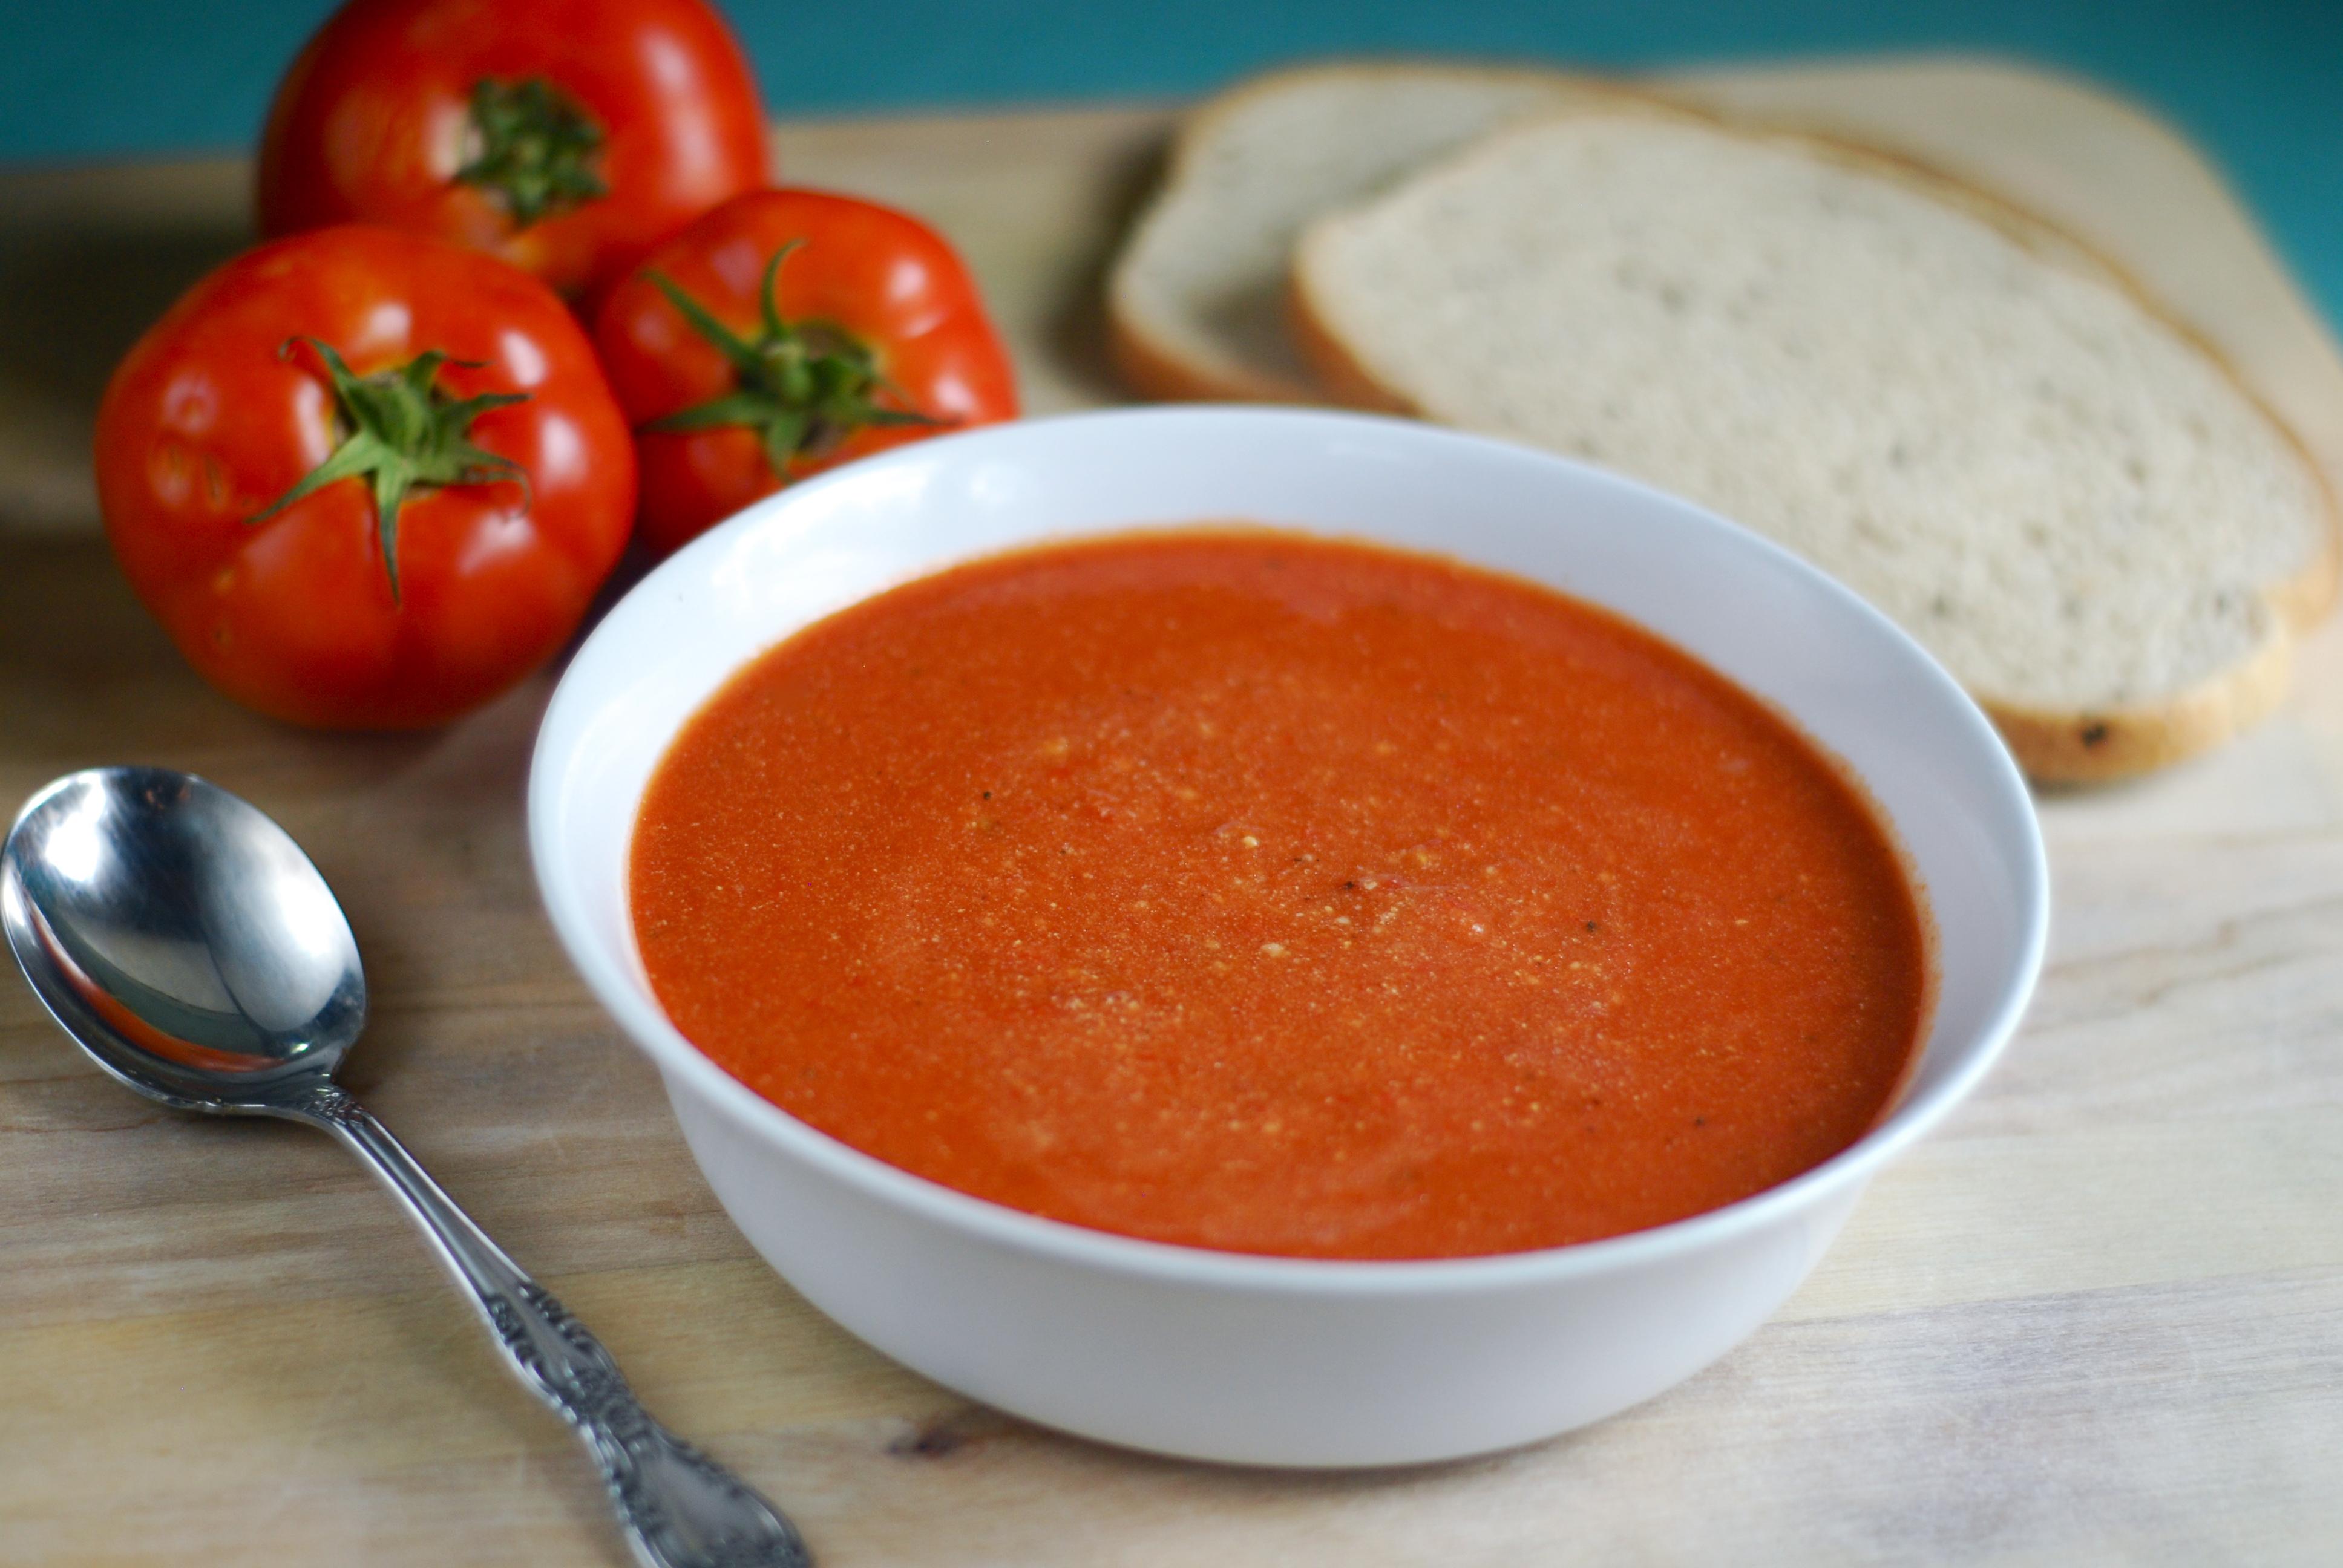 Sopa de tomates, pimientos asados y bocconcinis